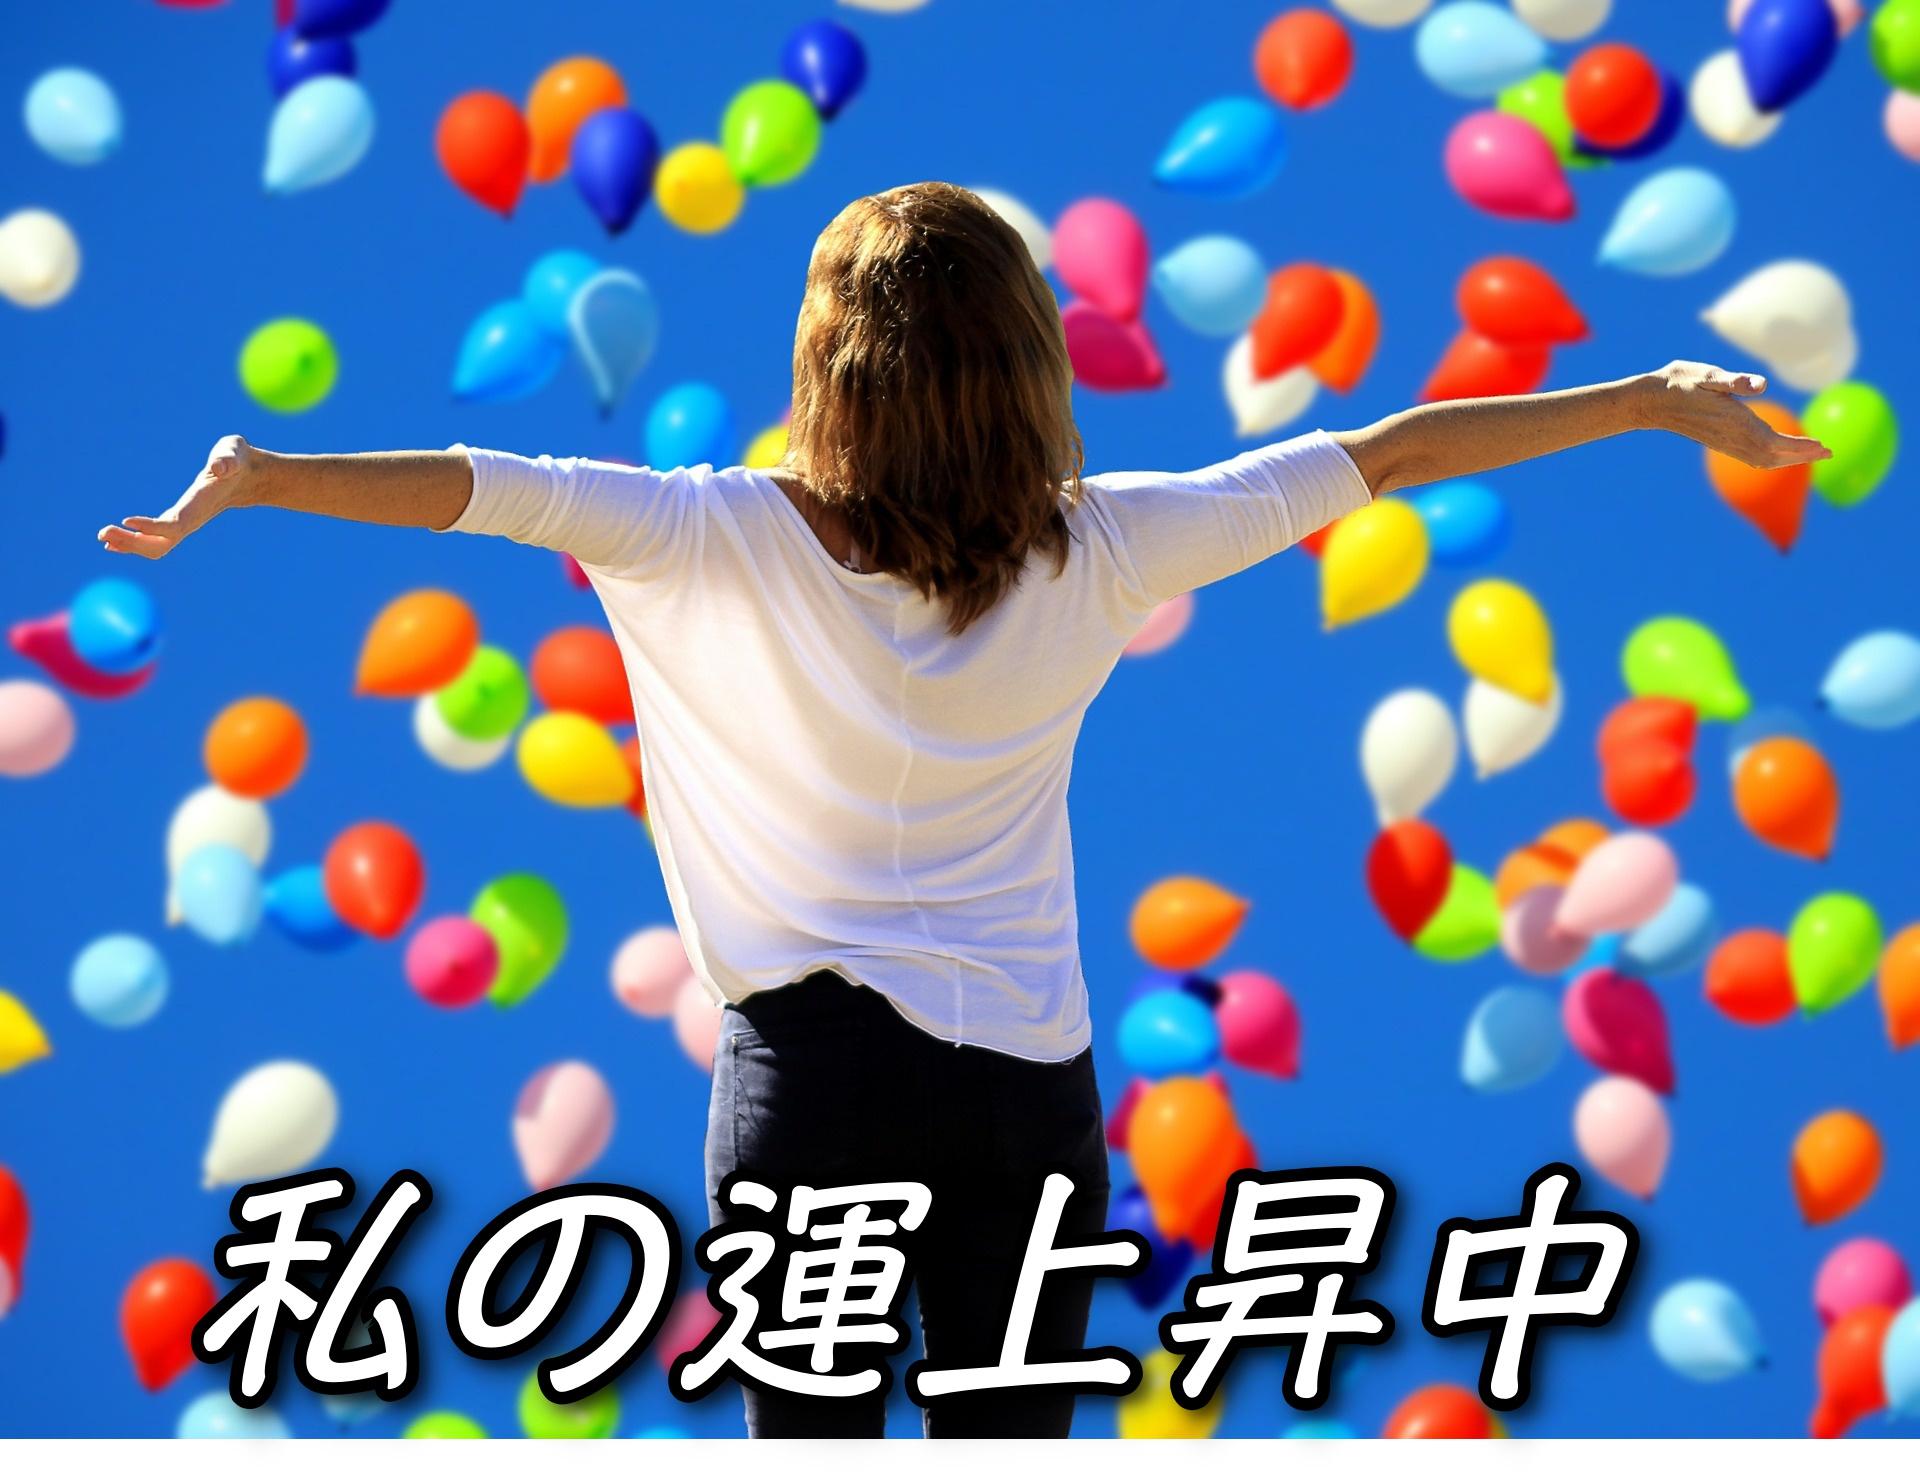 上昇する風船と女性